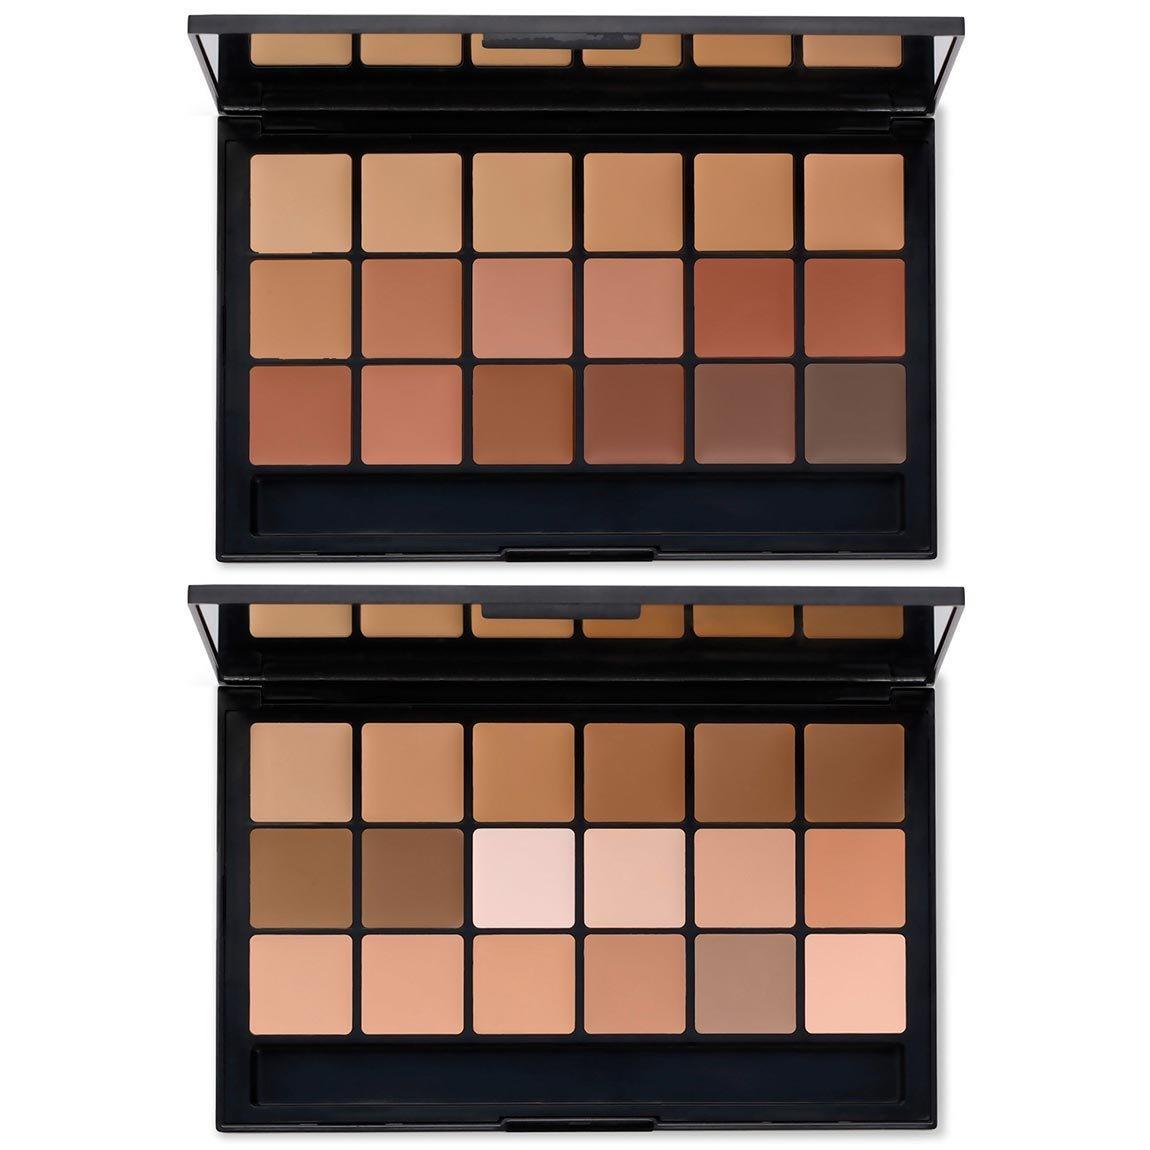 RCMA Makeup VK Palette Set product swatch.